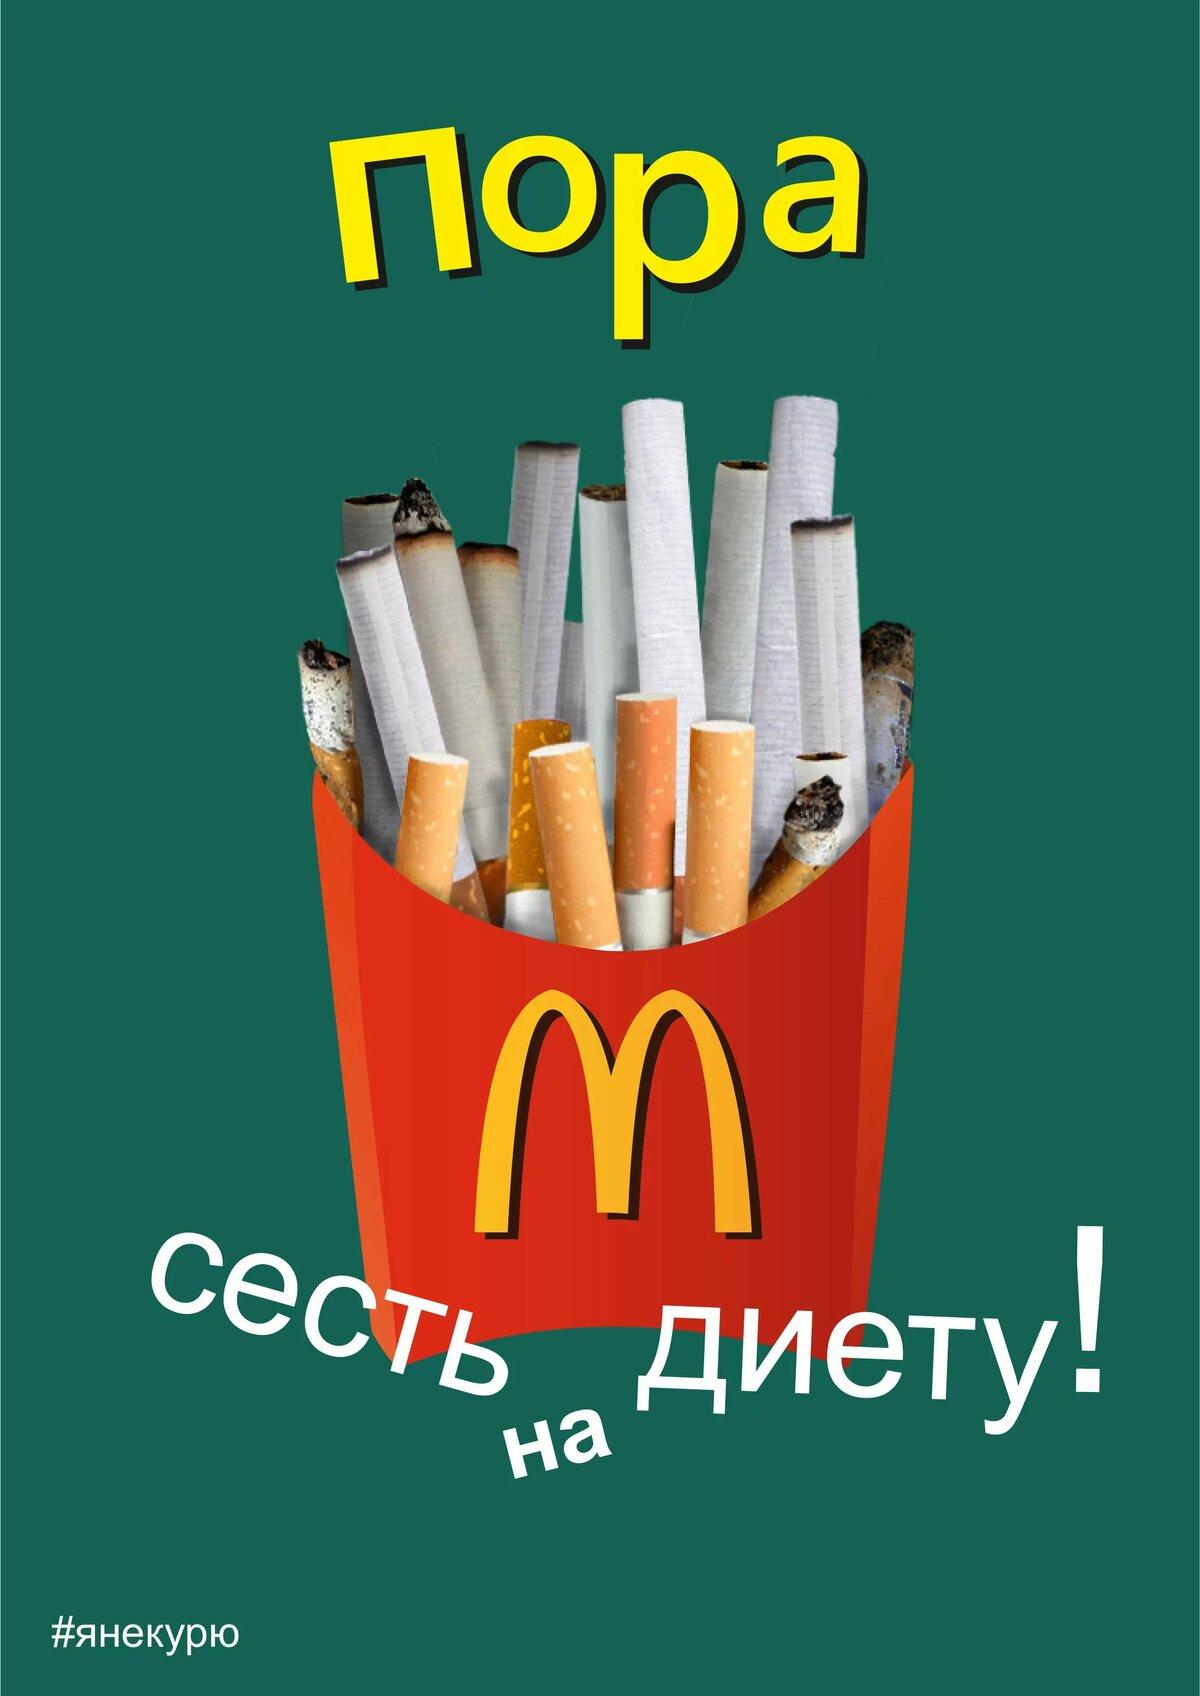 тепла постер мы против курения заказать фотообои